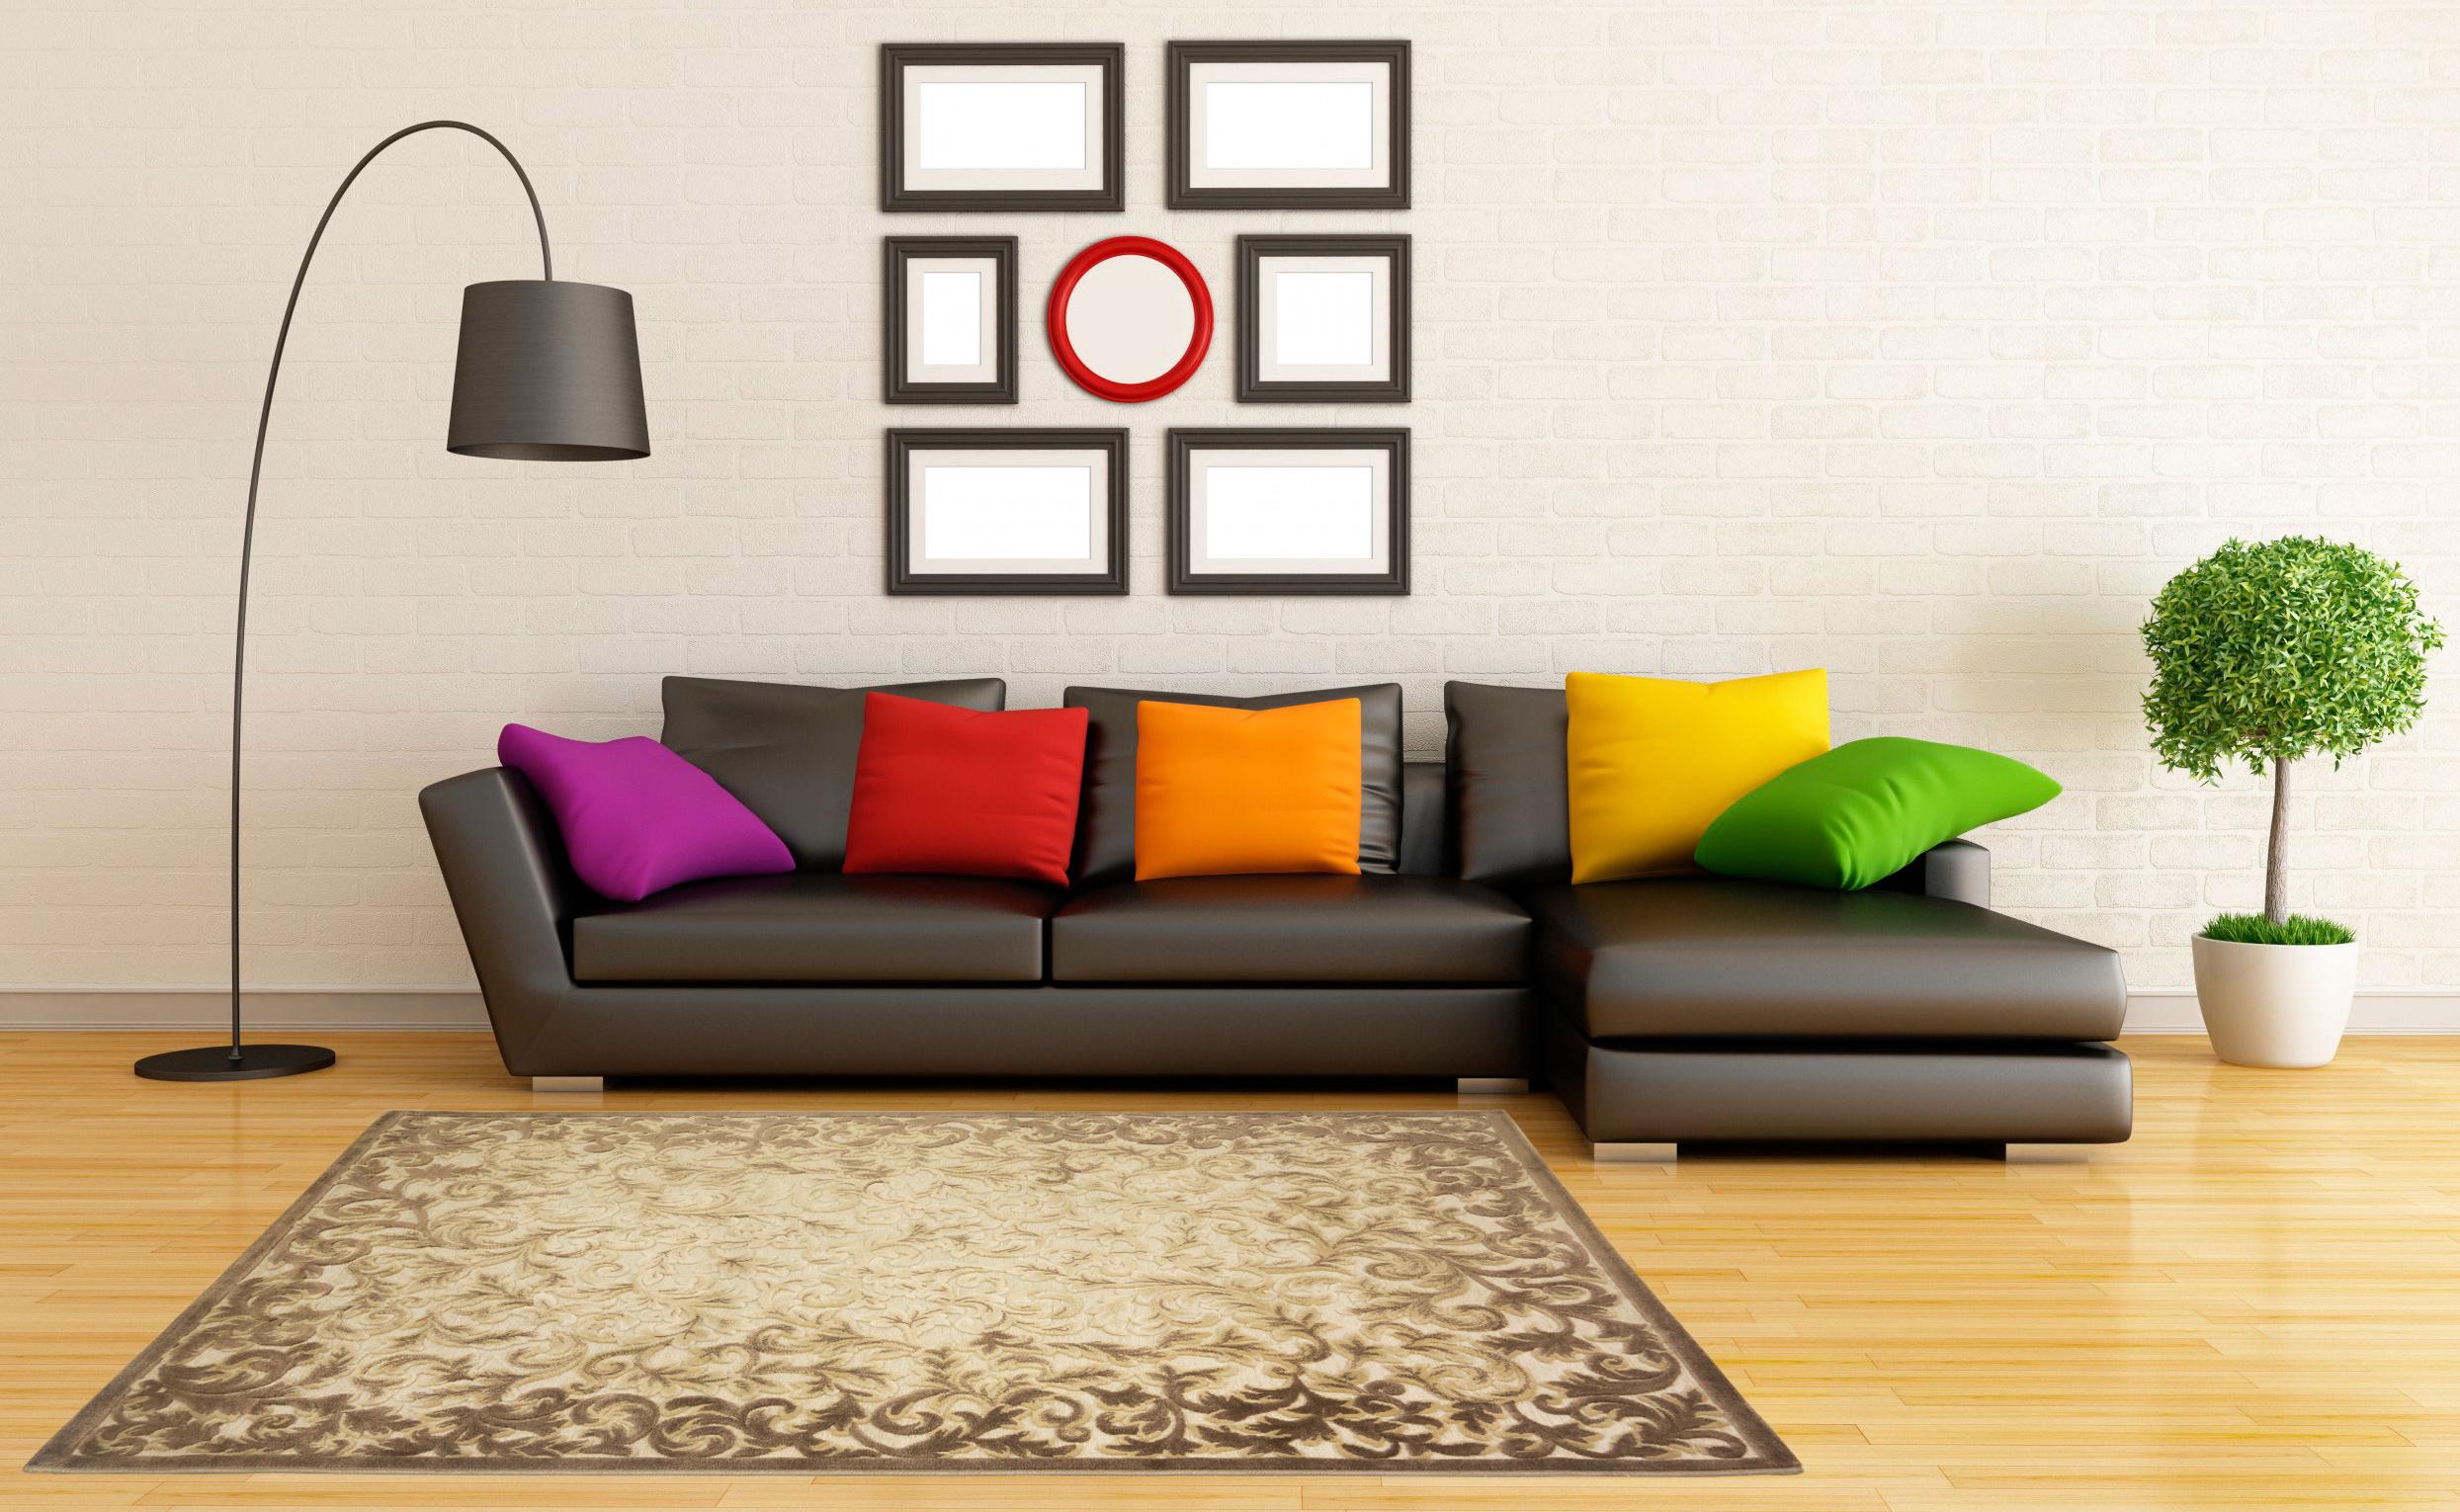 лучшая цена Ковер MADONNA 1,5х2,9/прямоугольник/80007В/беж-коричневый